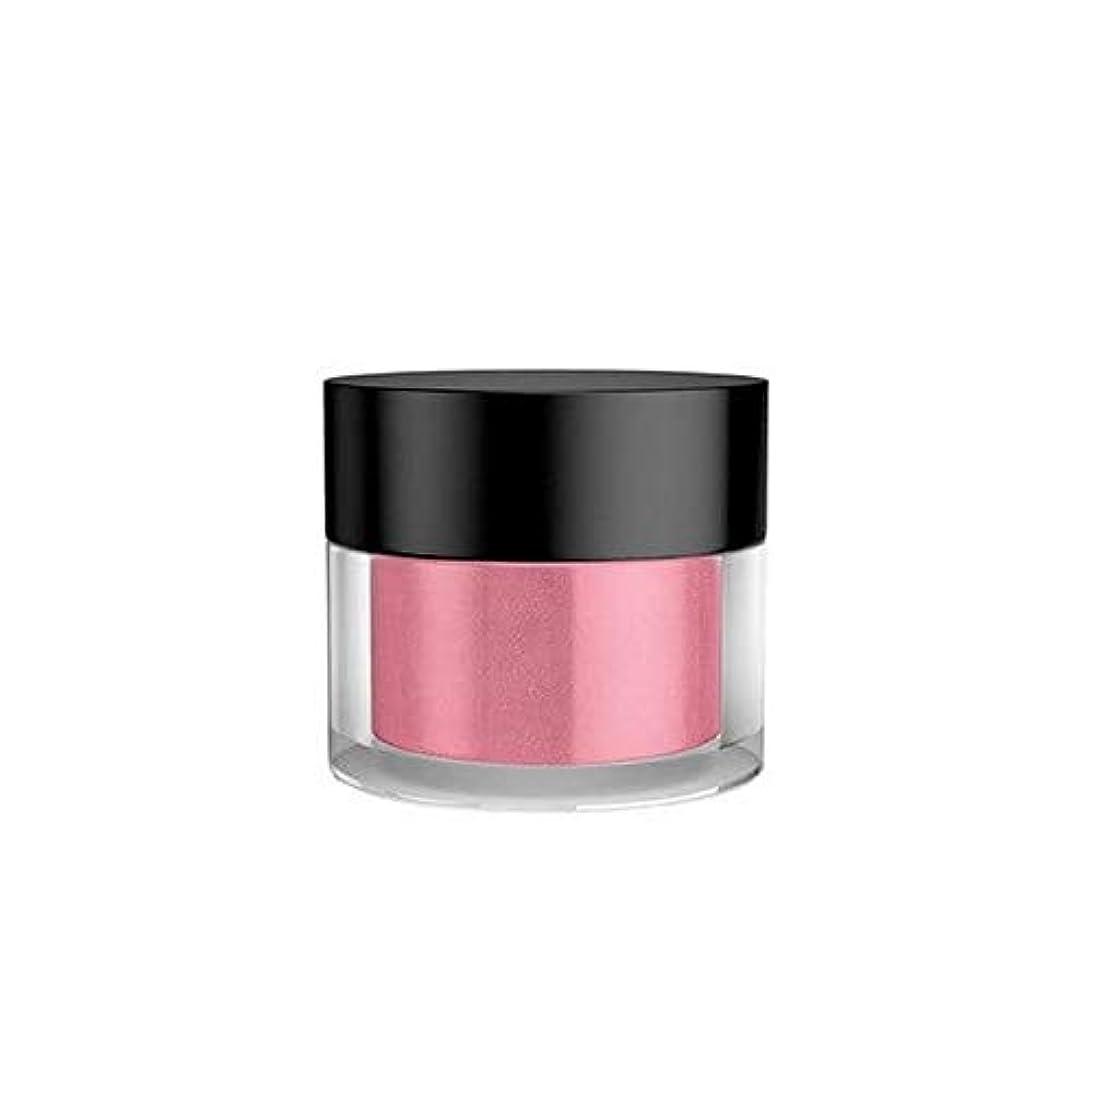 改修する等価教[GOSH ] おやっ効果粉末クロムは005をバラ - Gosh Effect Powder Chrome Rose 005 [並行輸入品]